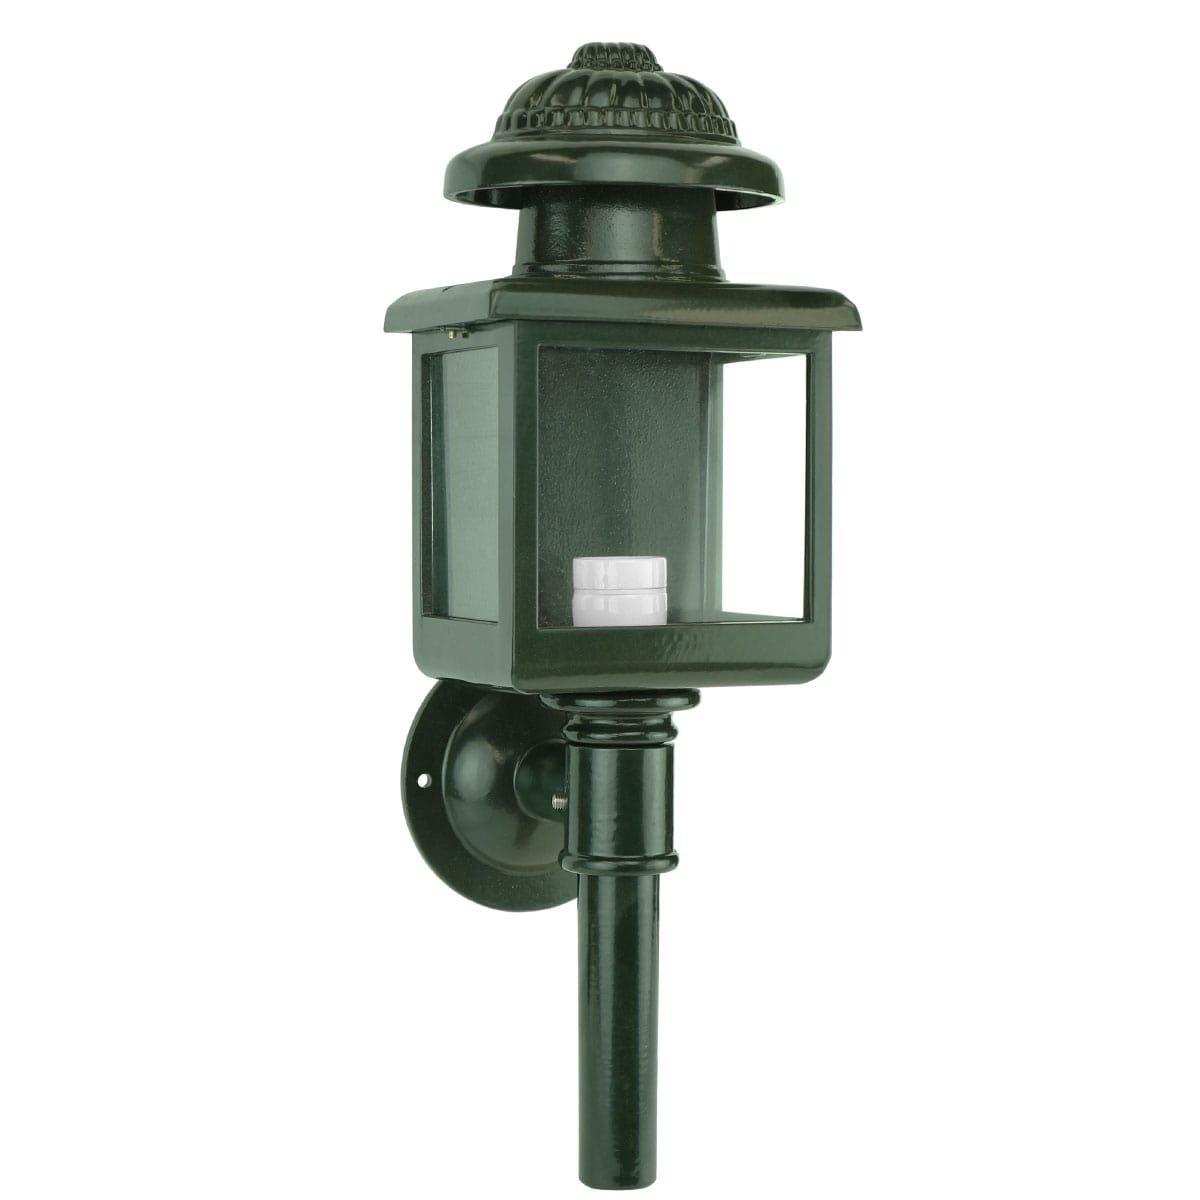 Buitenverlichting Klassiek Landelijk Koetslamp gevel renswoude - 56 cm